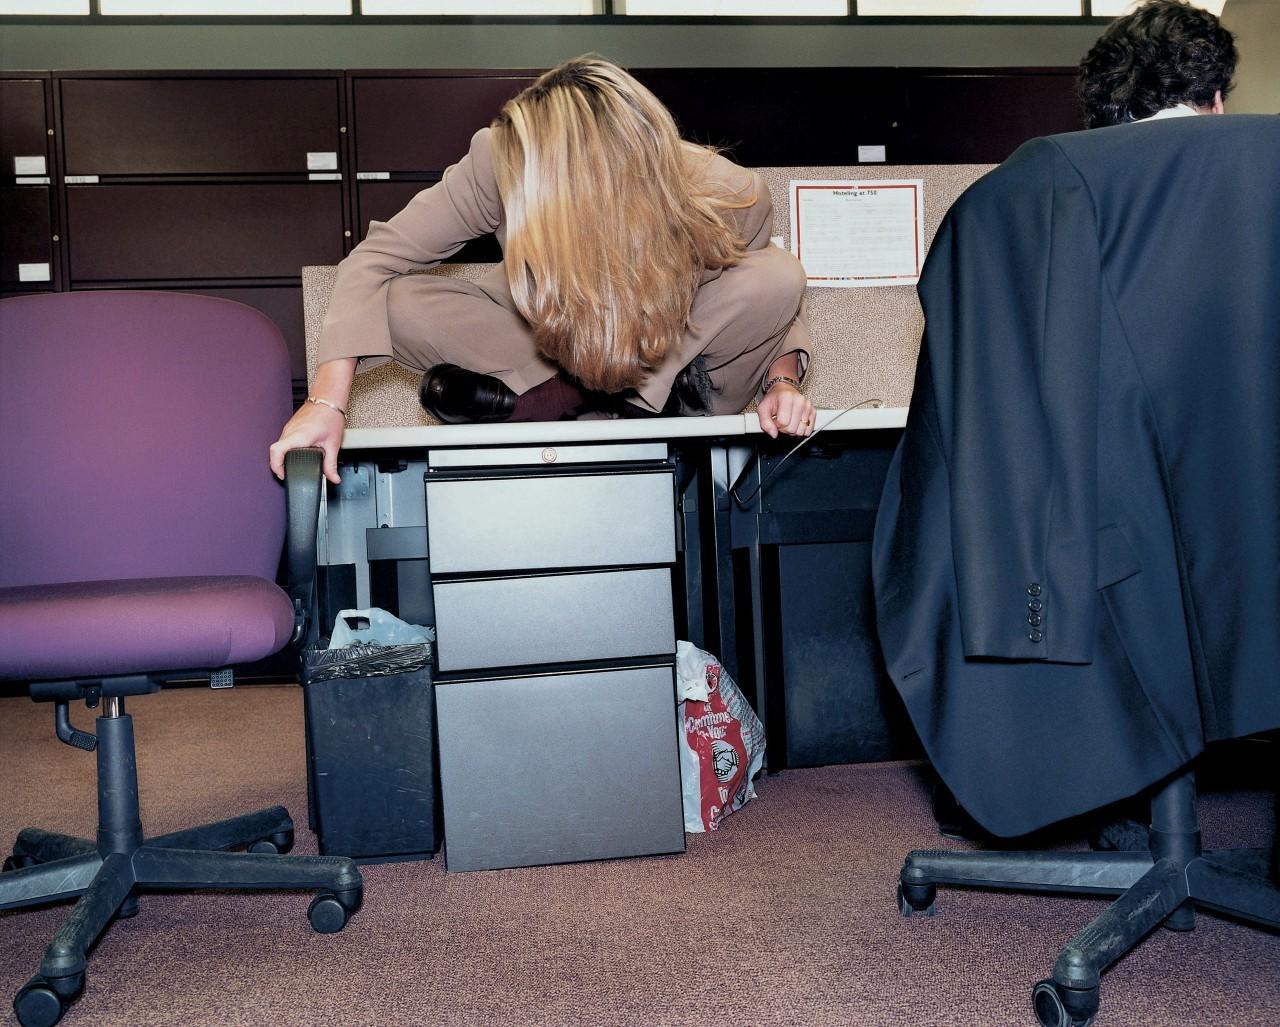 Бухгалтерская фирма, Нью-Йорк, 1997. Из серии «Офис». Фотограф Ларс Тунбьёрк